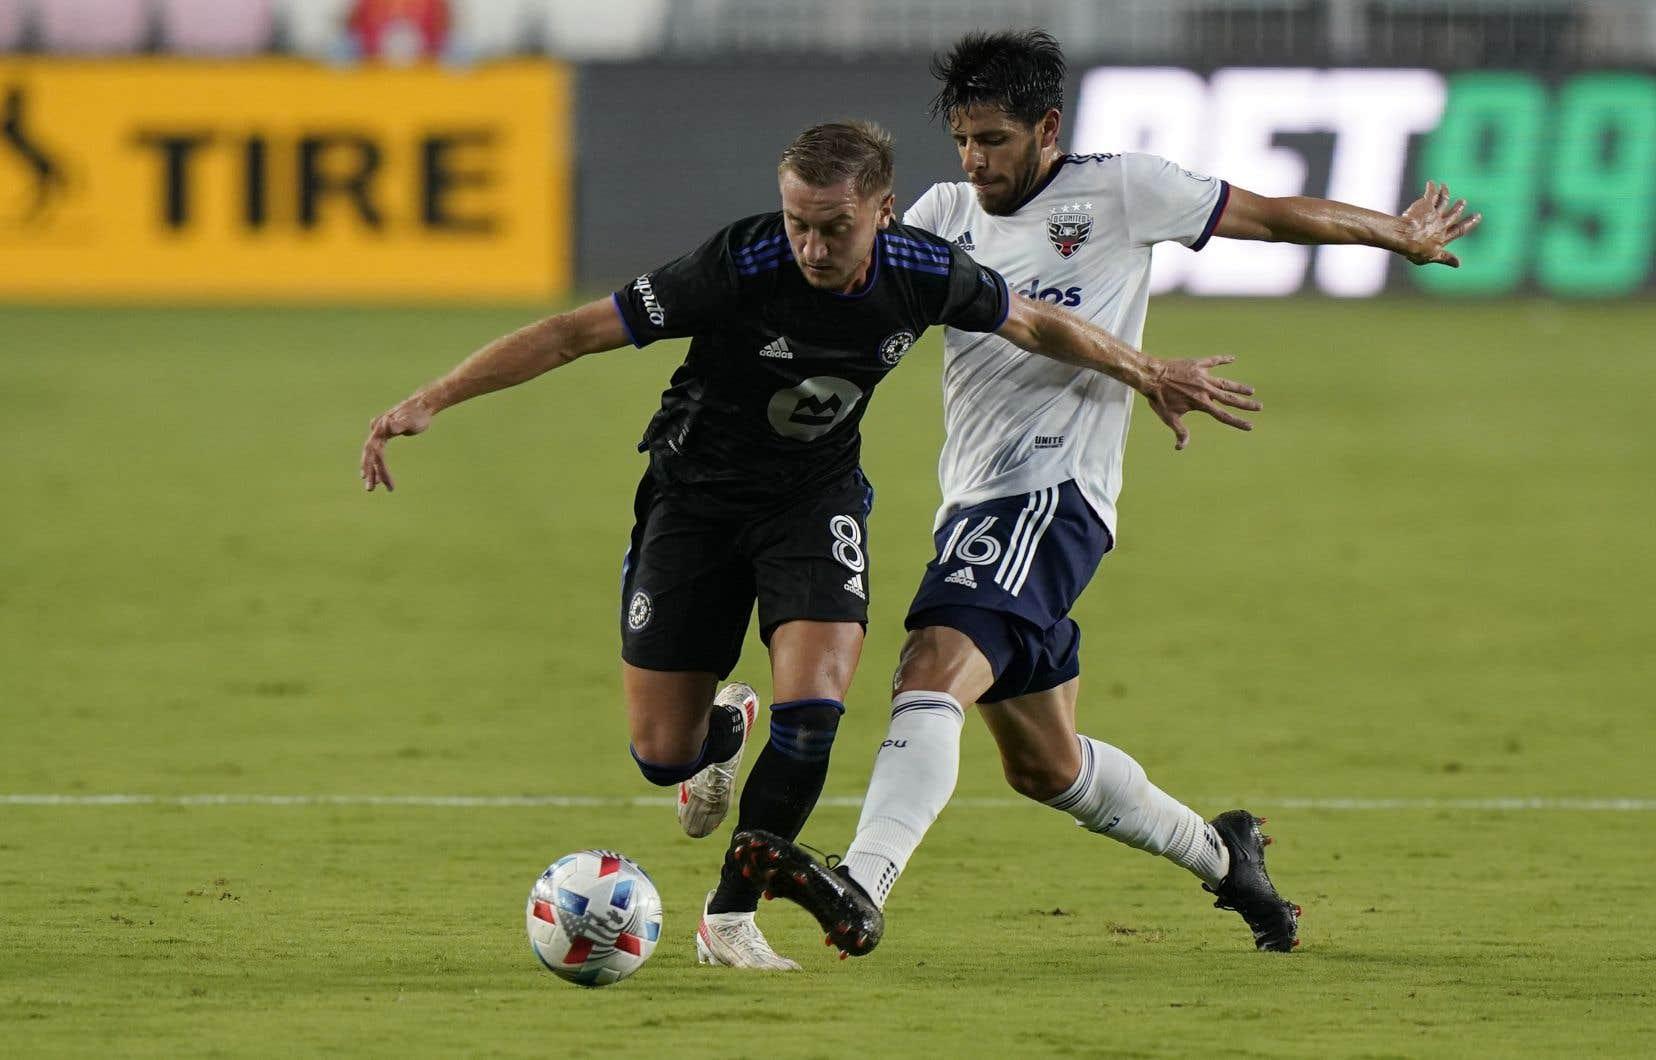 Le milieu de terrain du CF Montréal Djordje Mihailovic (8) et l'attaquant du DC United Adrien Perez, lors du match de mercredi à Fort Lauderdale, en Floride.